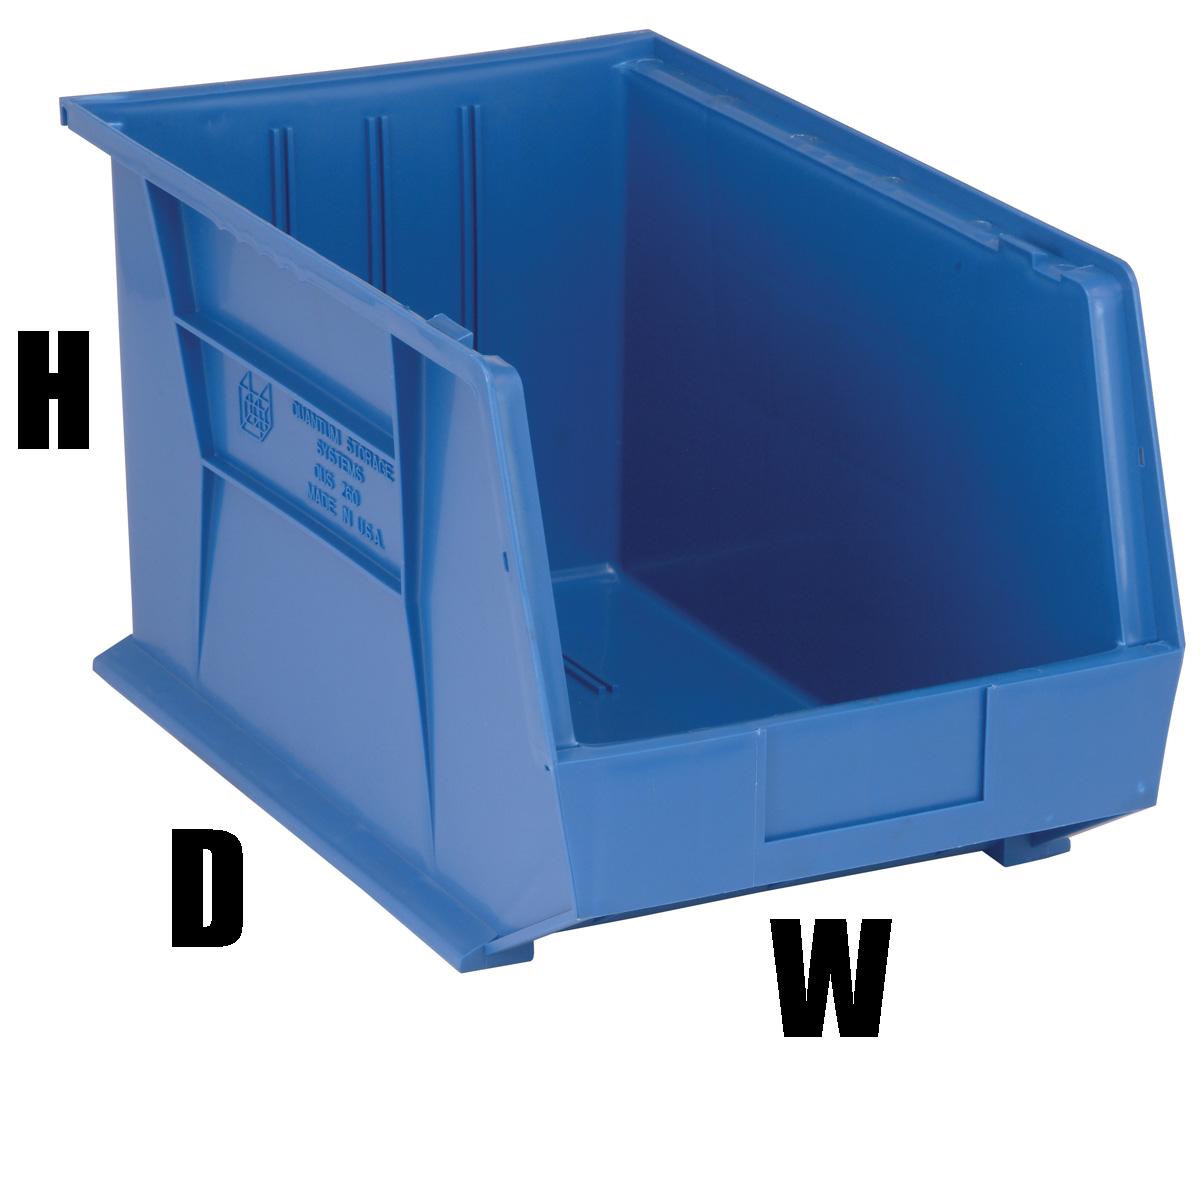 4 Blue Storage Plastic Bins 10 H X 11 W X 18 D Qus260 Ebay